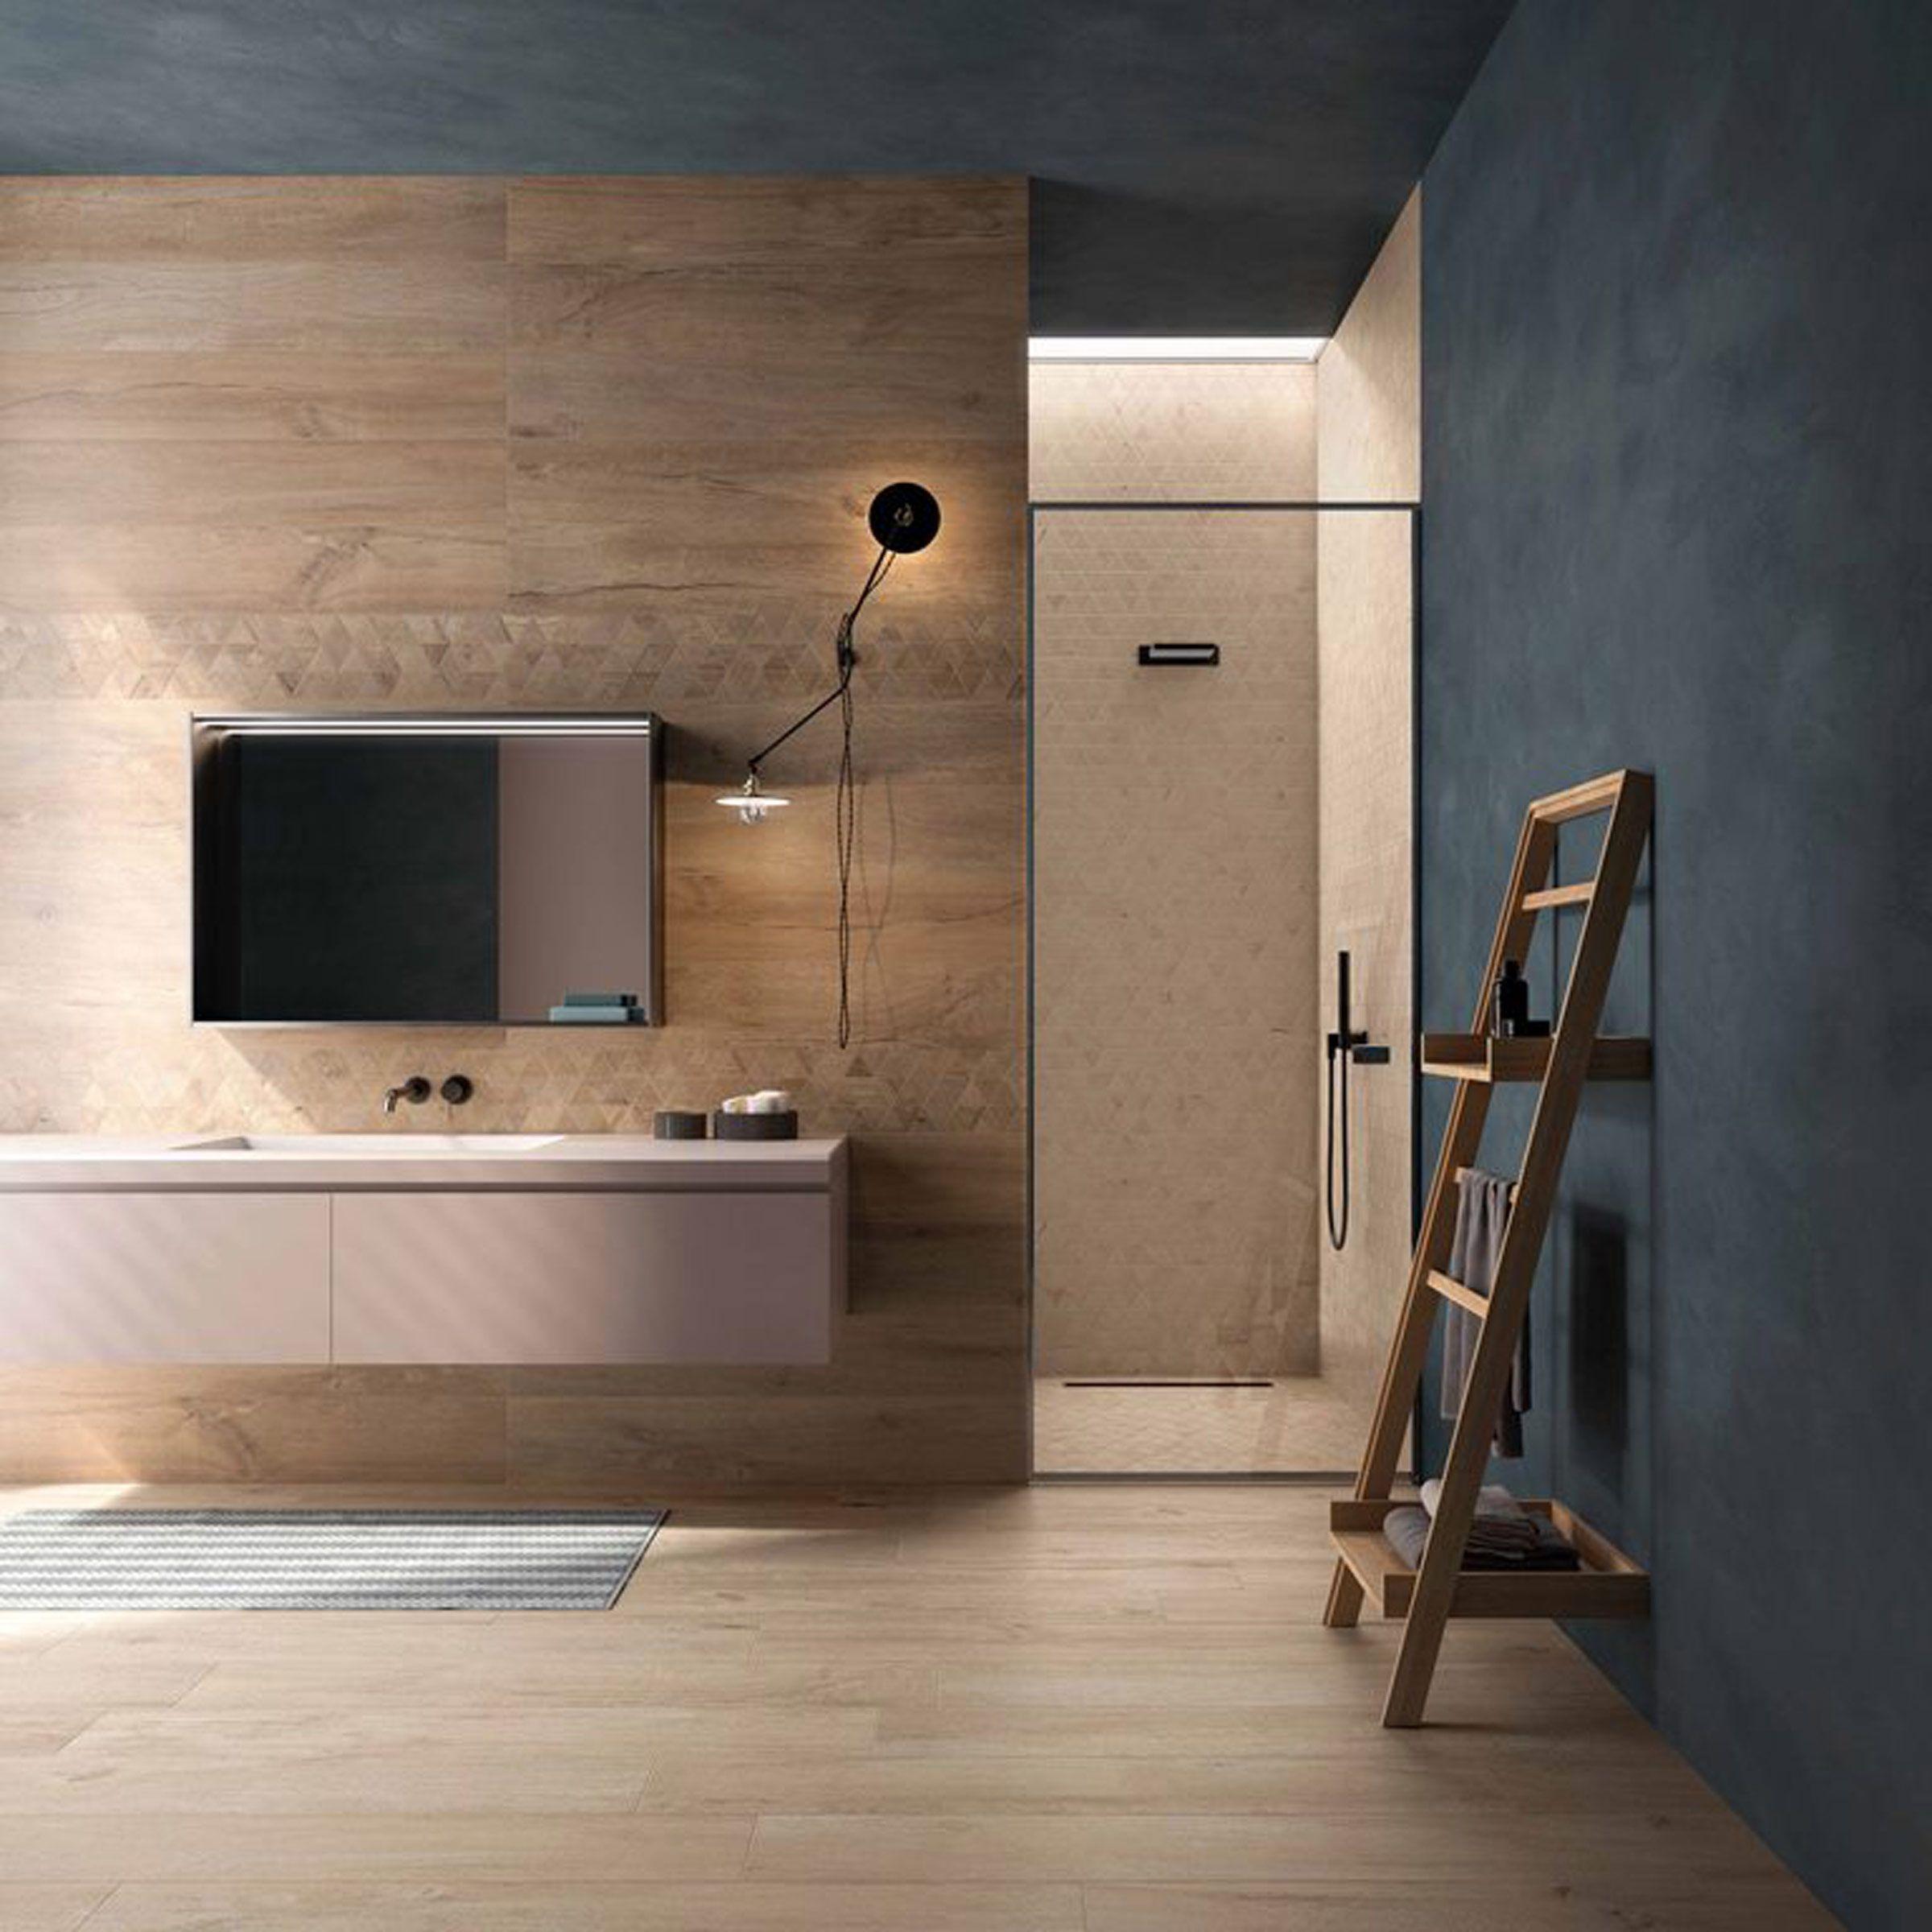 Modernes Badezimmer  Badezimmer dachschräge, Badezimmerboden